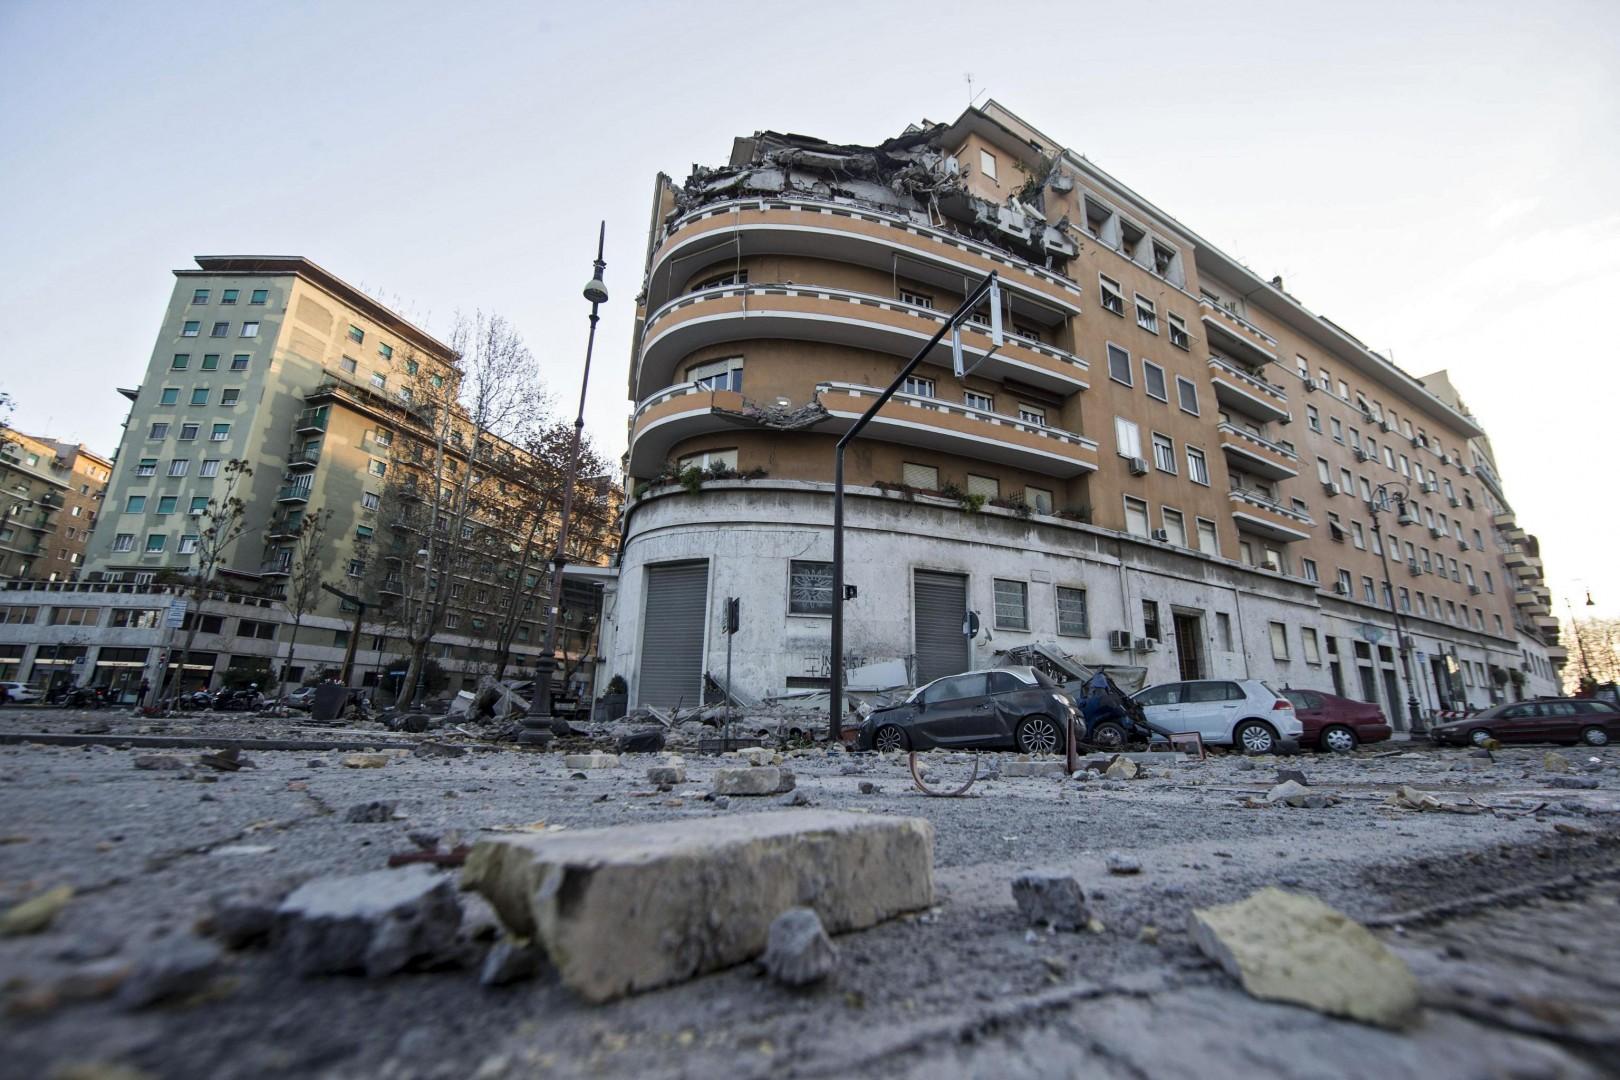 [FOTO] Grozljivka v Rimu: Stanovalci so bežali iz podirajoče se stavbe 2